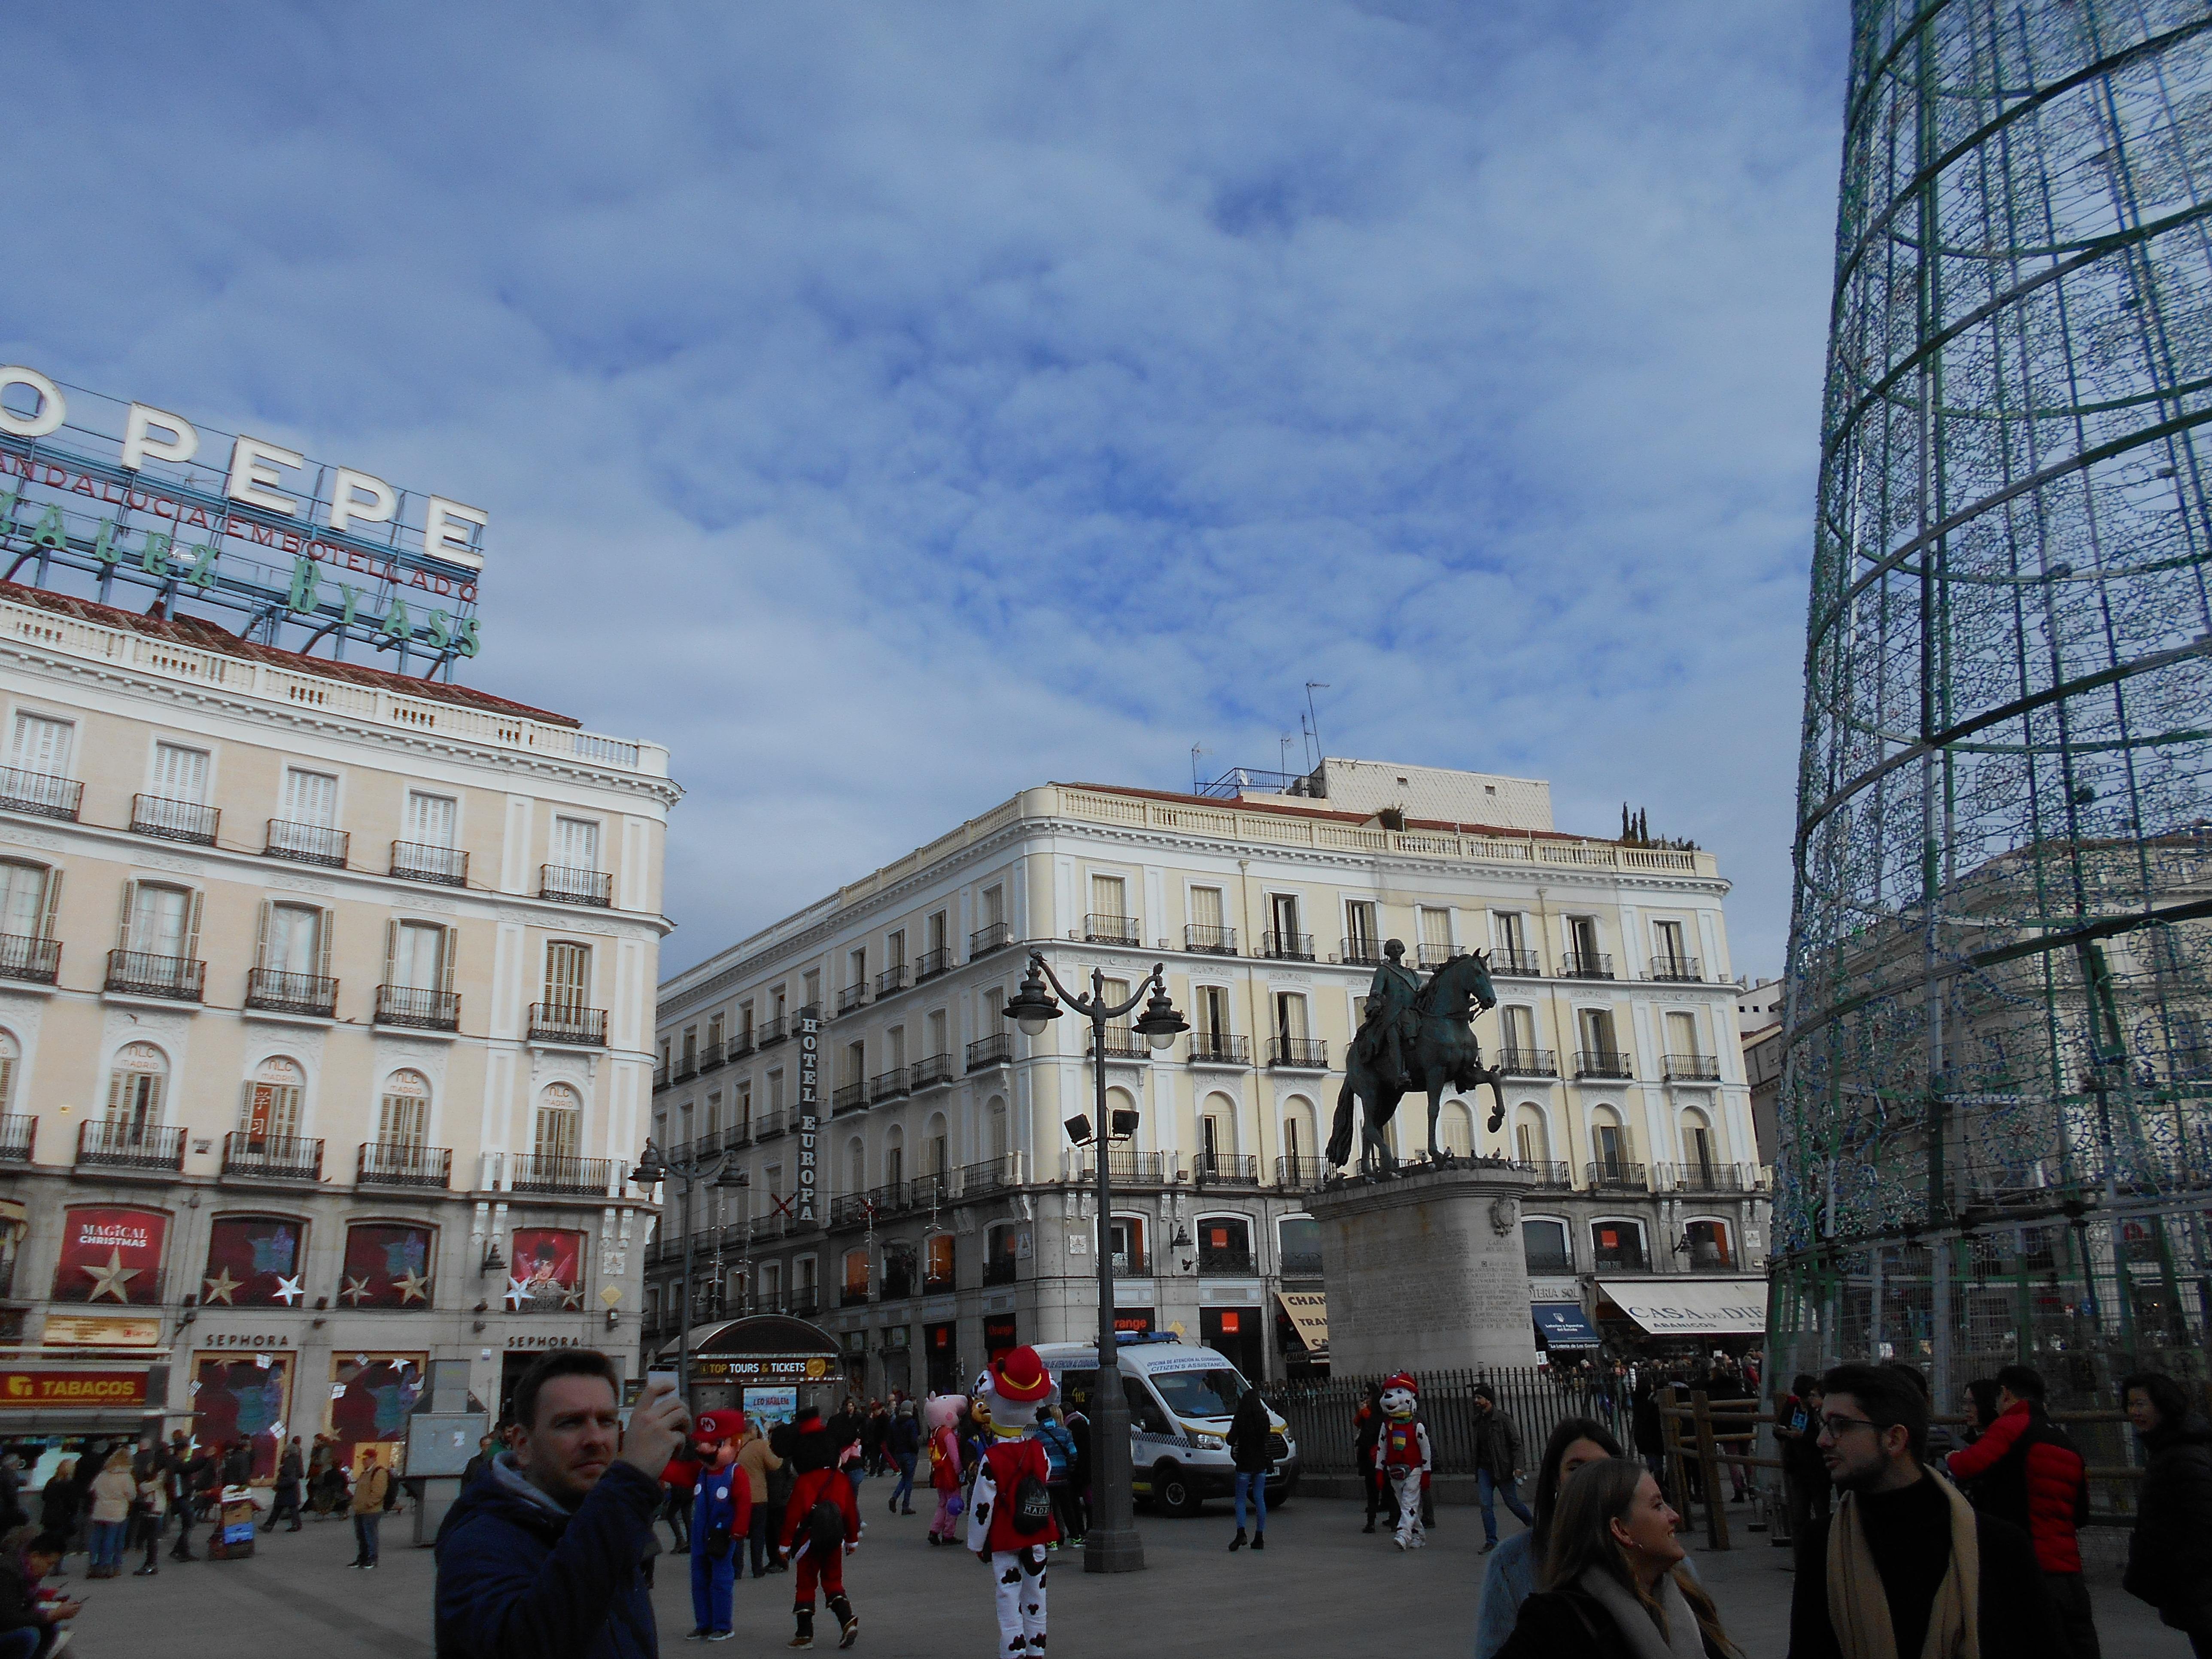 Madrid/K Sullivan